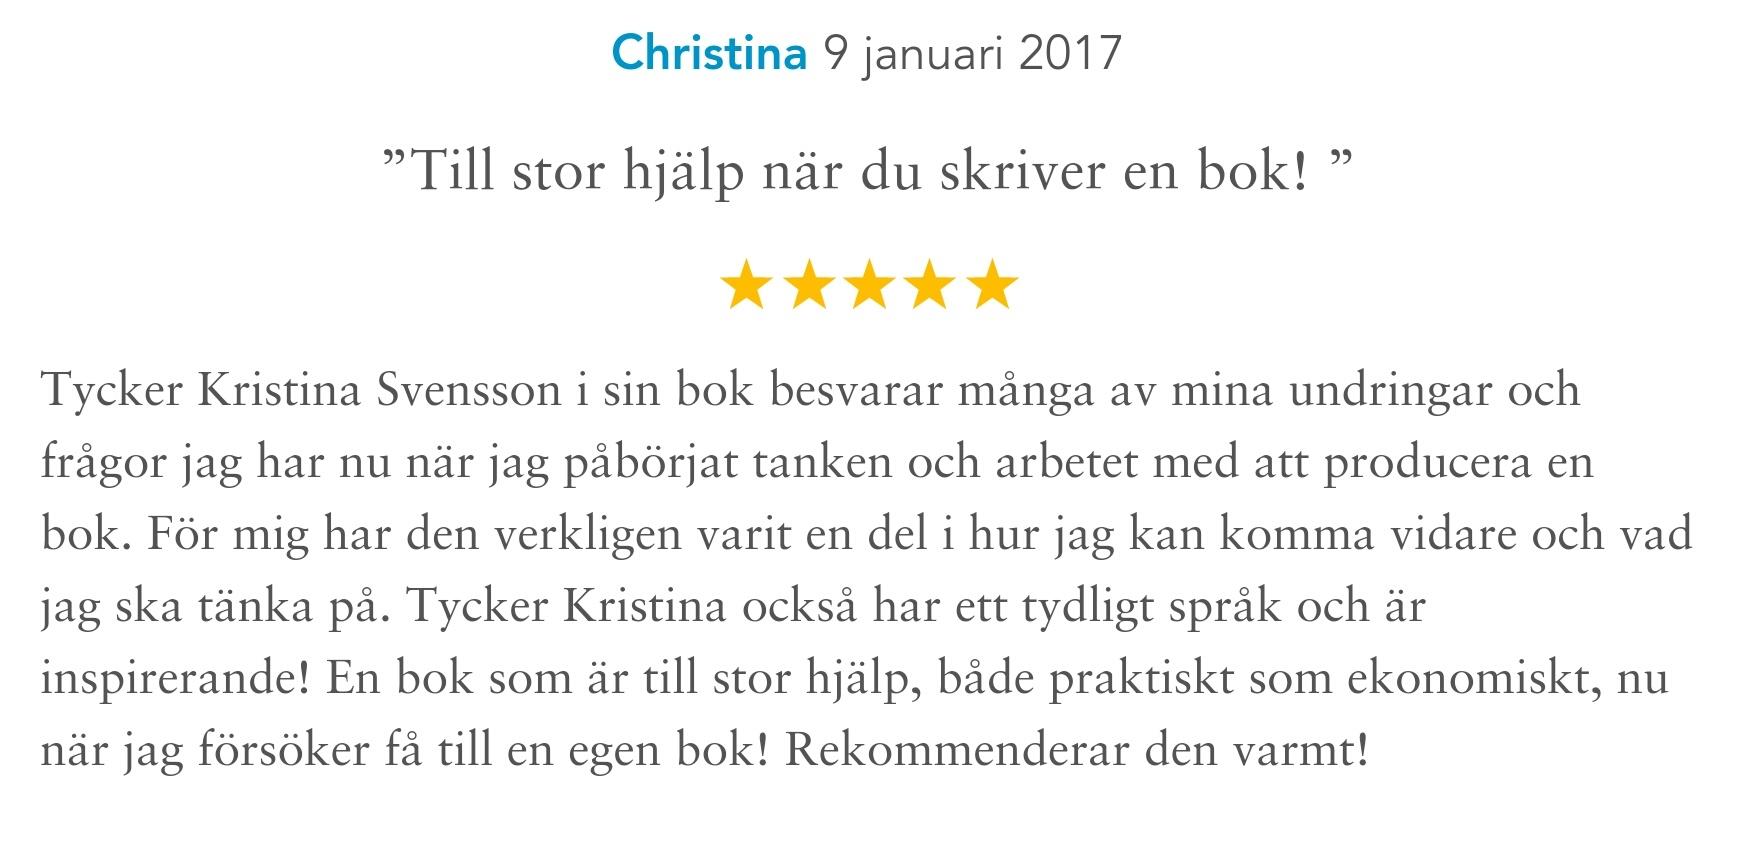 forfattarboken-bokus-kundbetyg-2017-christina